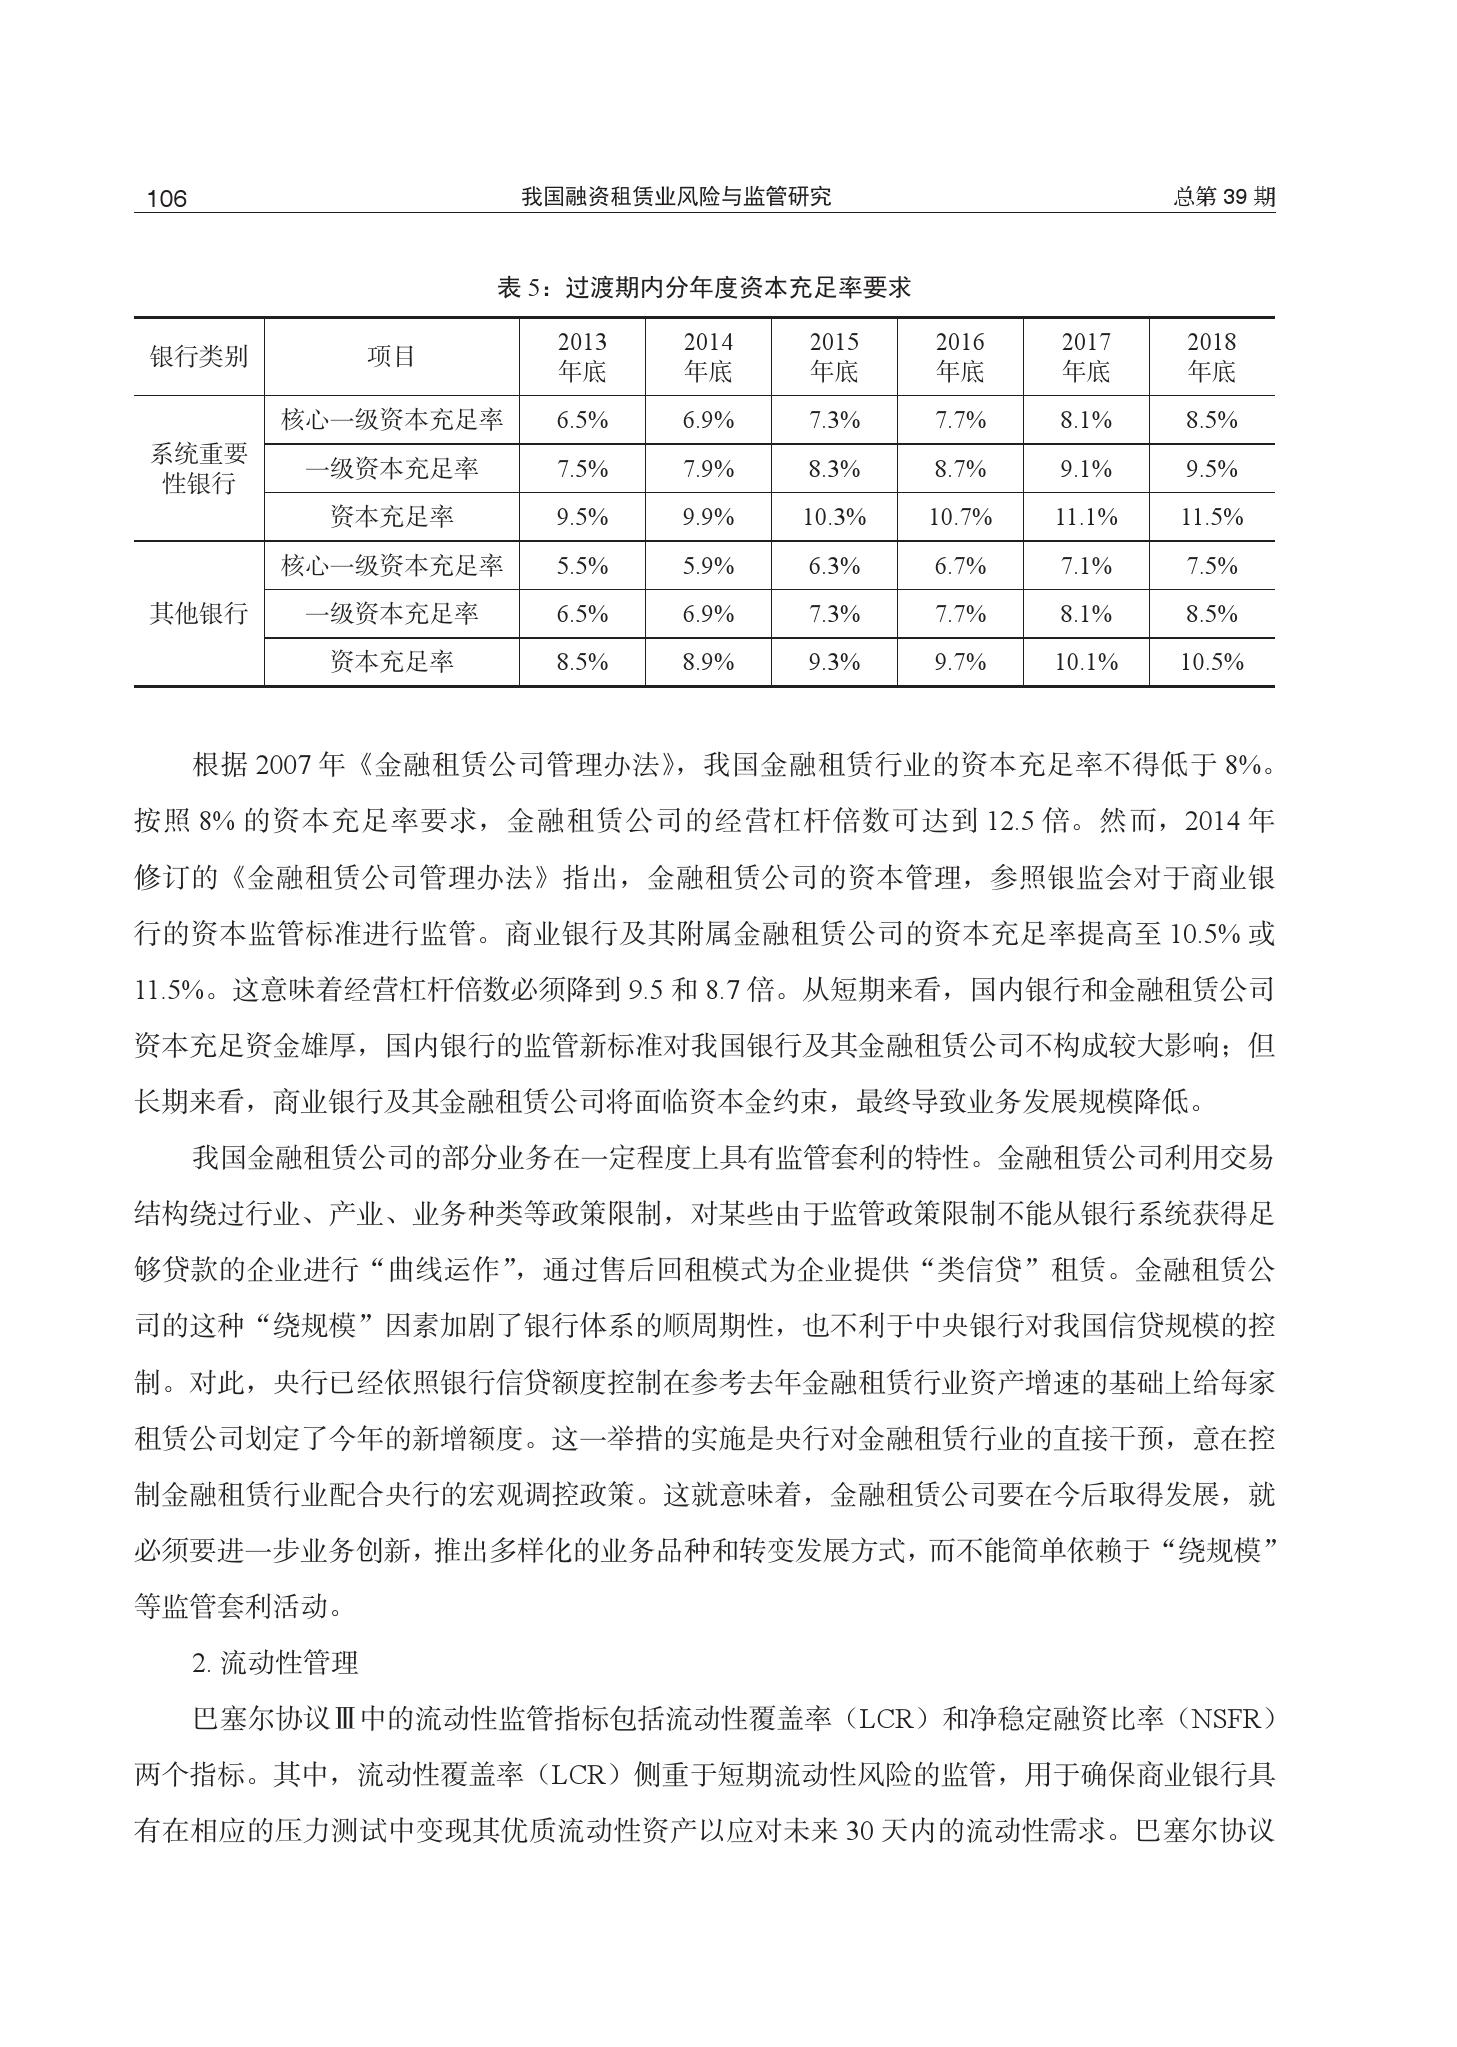 我国融资租赁业风险与监管研究_000008